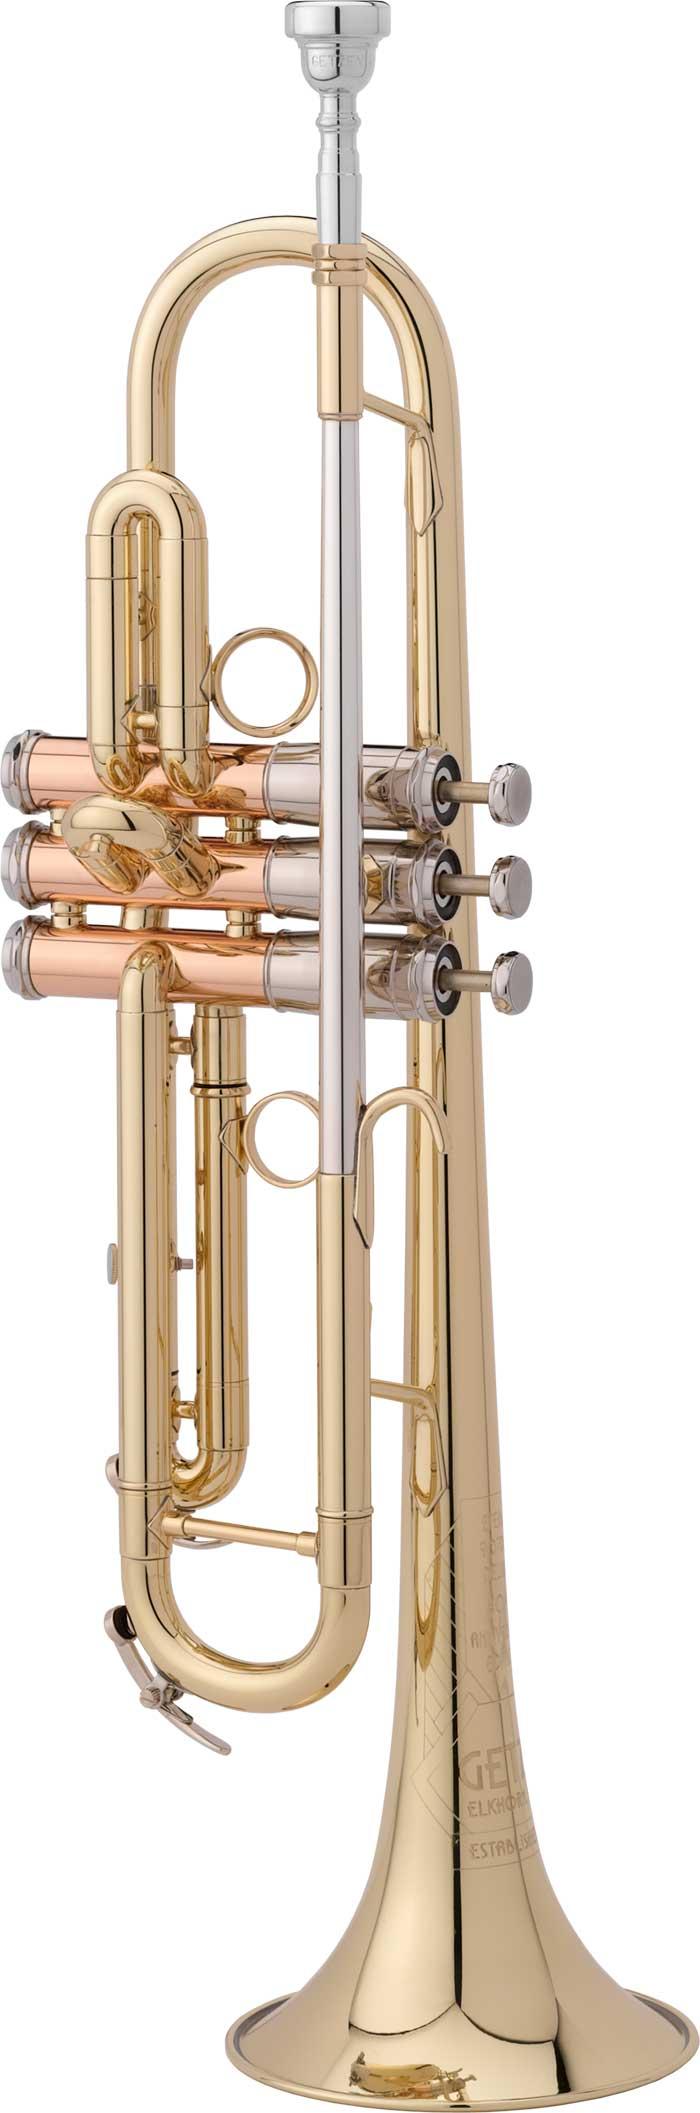 Getzen 907DLX Bb Trumpet